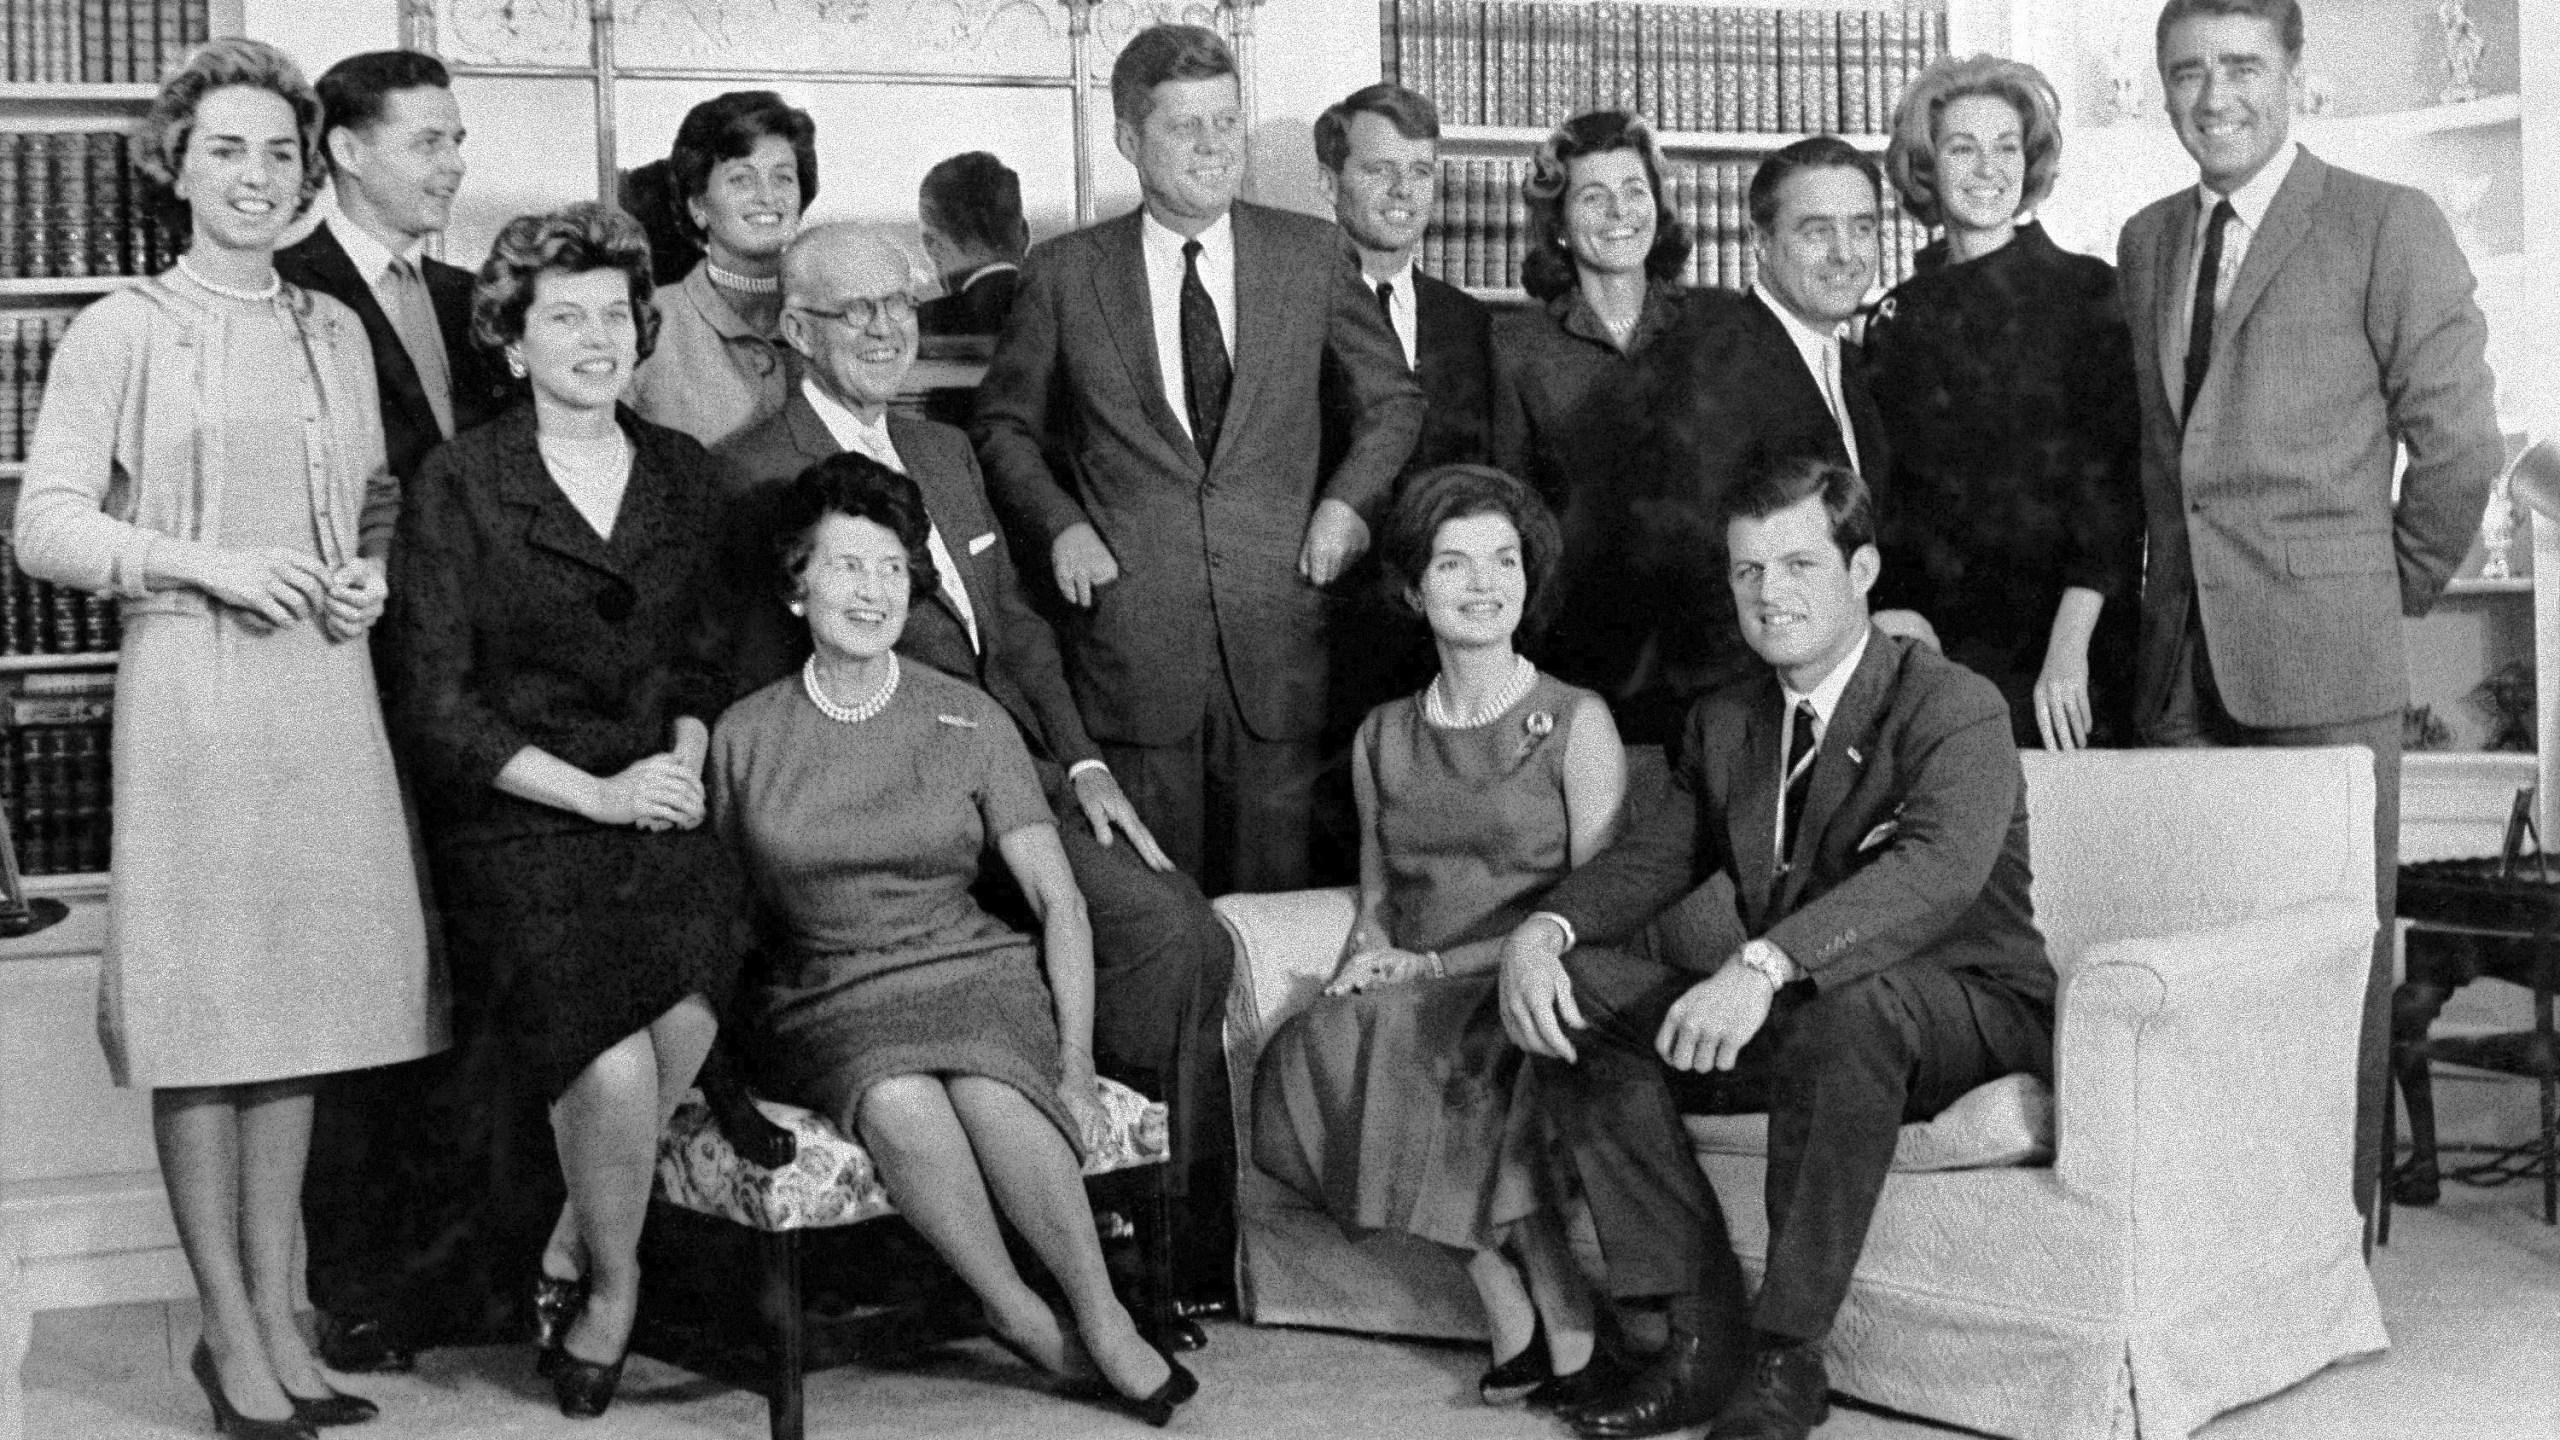 John F. Kennedy, Jacqueline Kennedy